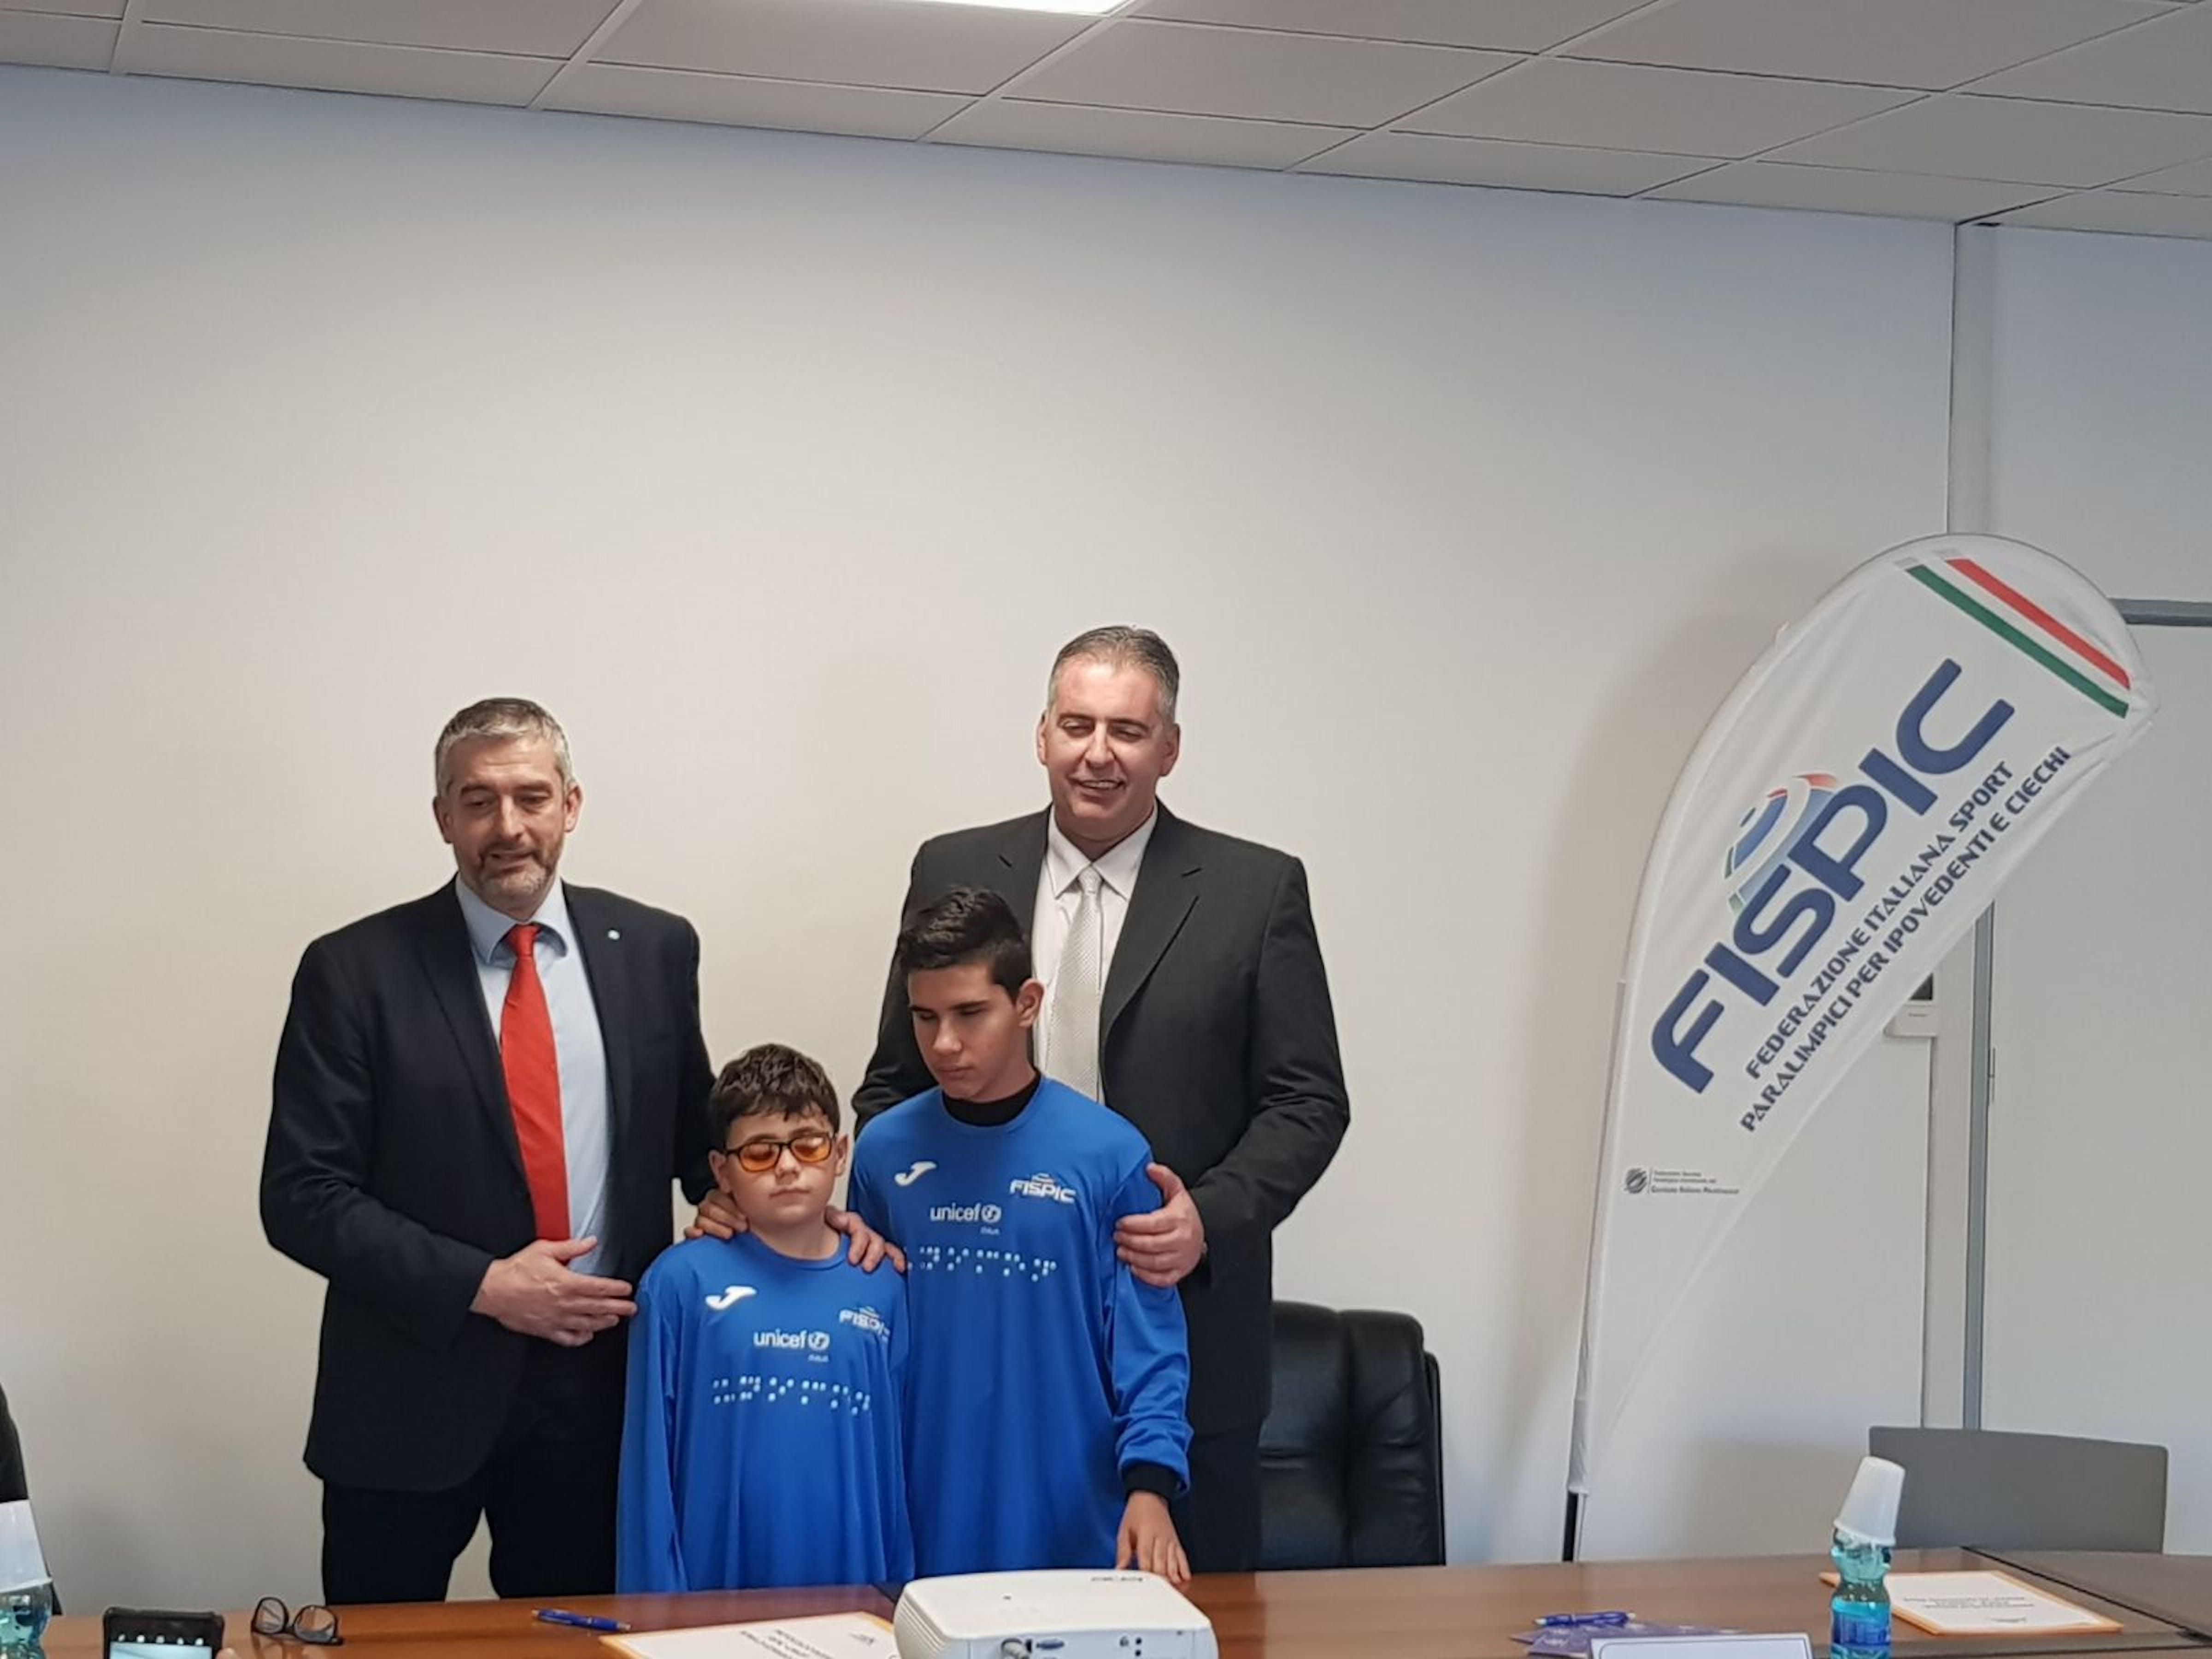 Paolo Rozera (direttore Unicef italia) e Sandro Di Girolamo (Presidente Fispic) con i due testimonial dell'evento William Marzo e Leonardo Lozzi dell'Asd Disabili Roma 2000.